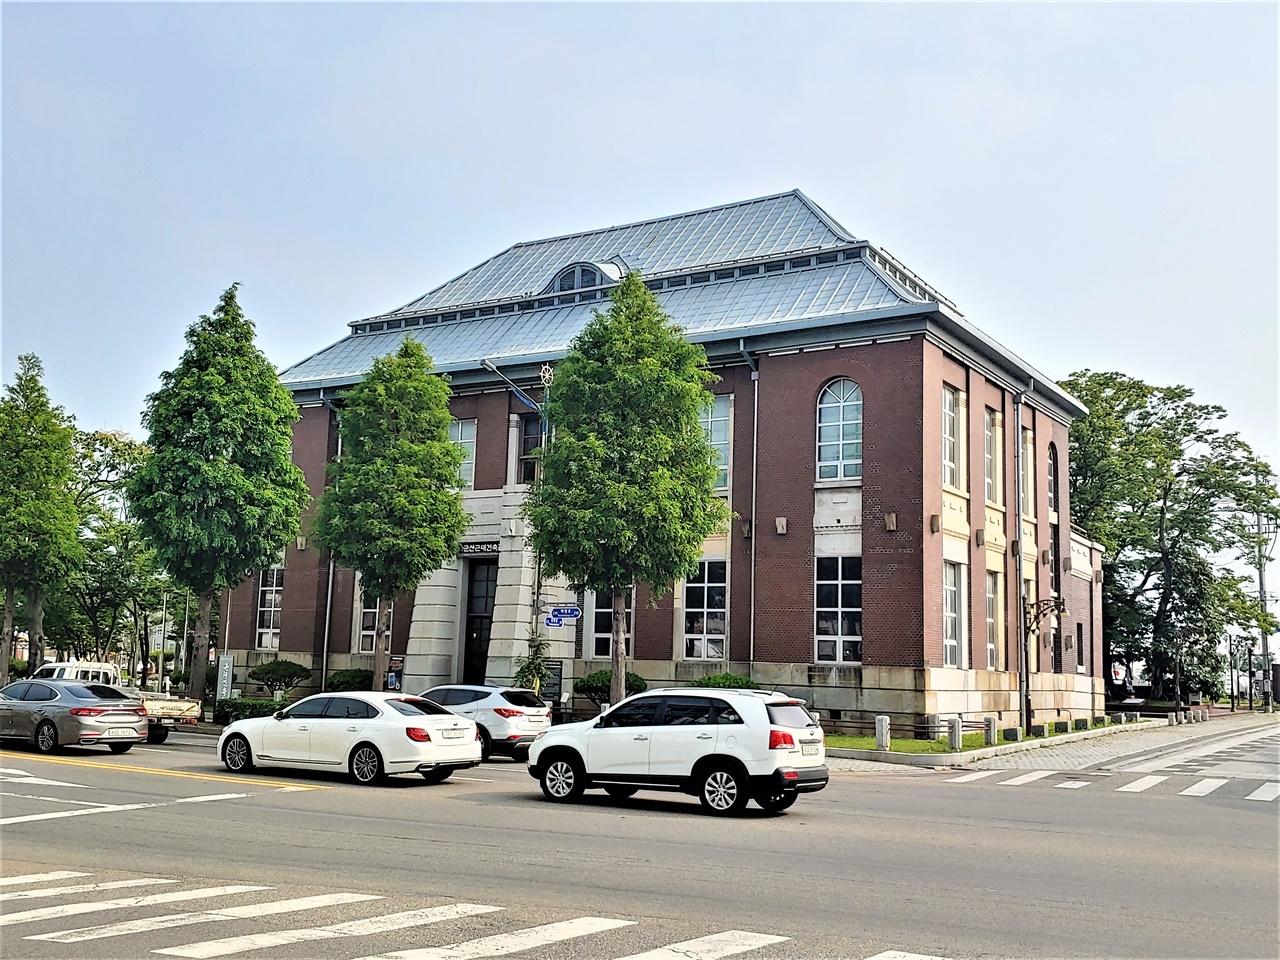 옛 조선은행 군산지점 뜬 다리 부두 인근에 있는 옛 조선은행 군산지점이다. 수탈의 상징이다. 한때 민간인 소유로 여러 용도로 쓰이다, 지금은 군산근대건축관으로 활용하고 있다.